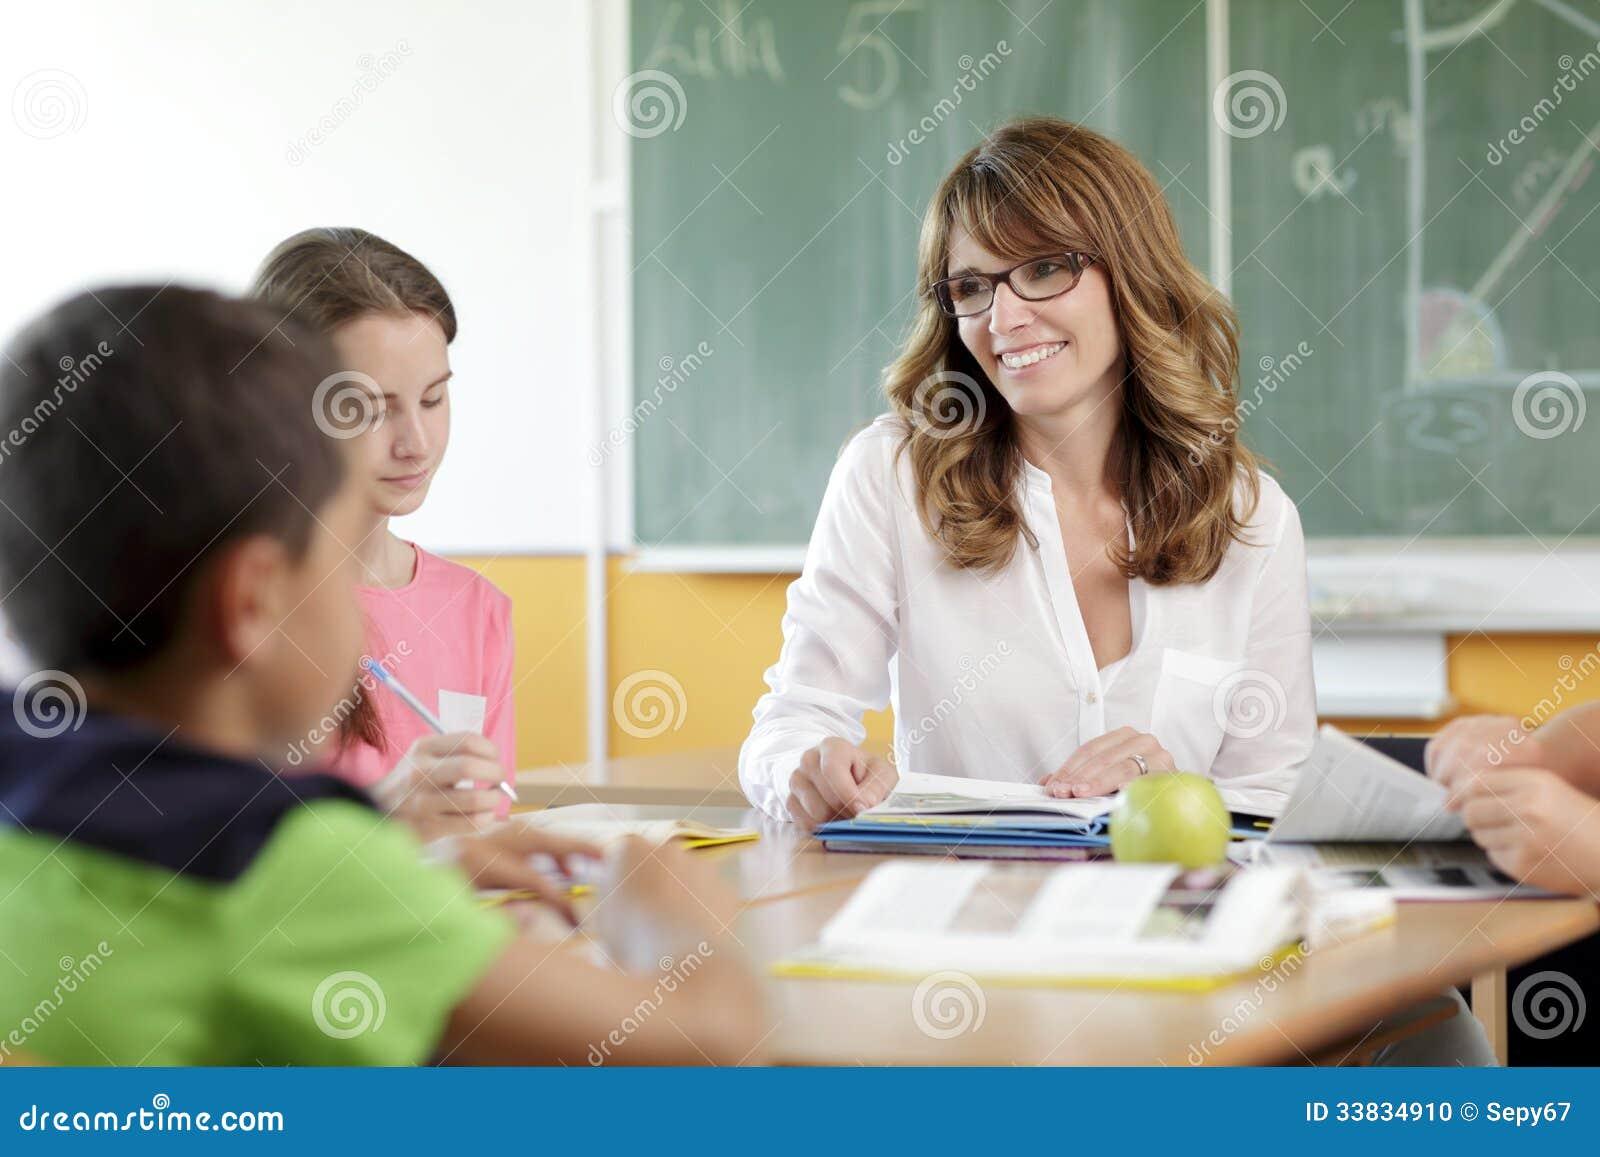 Lärare och student i kurs